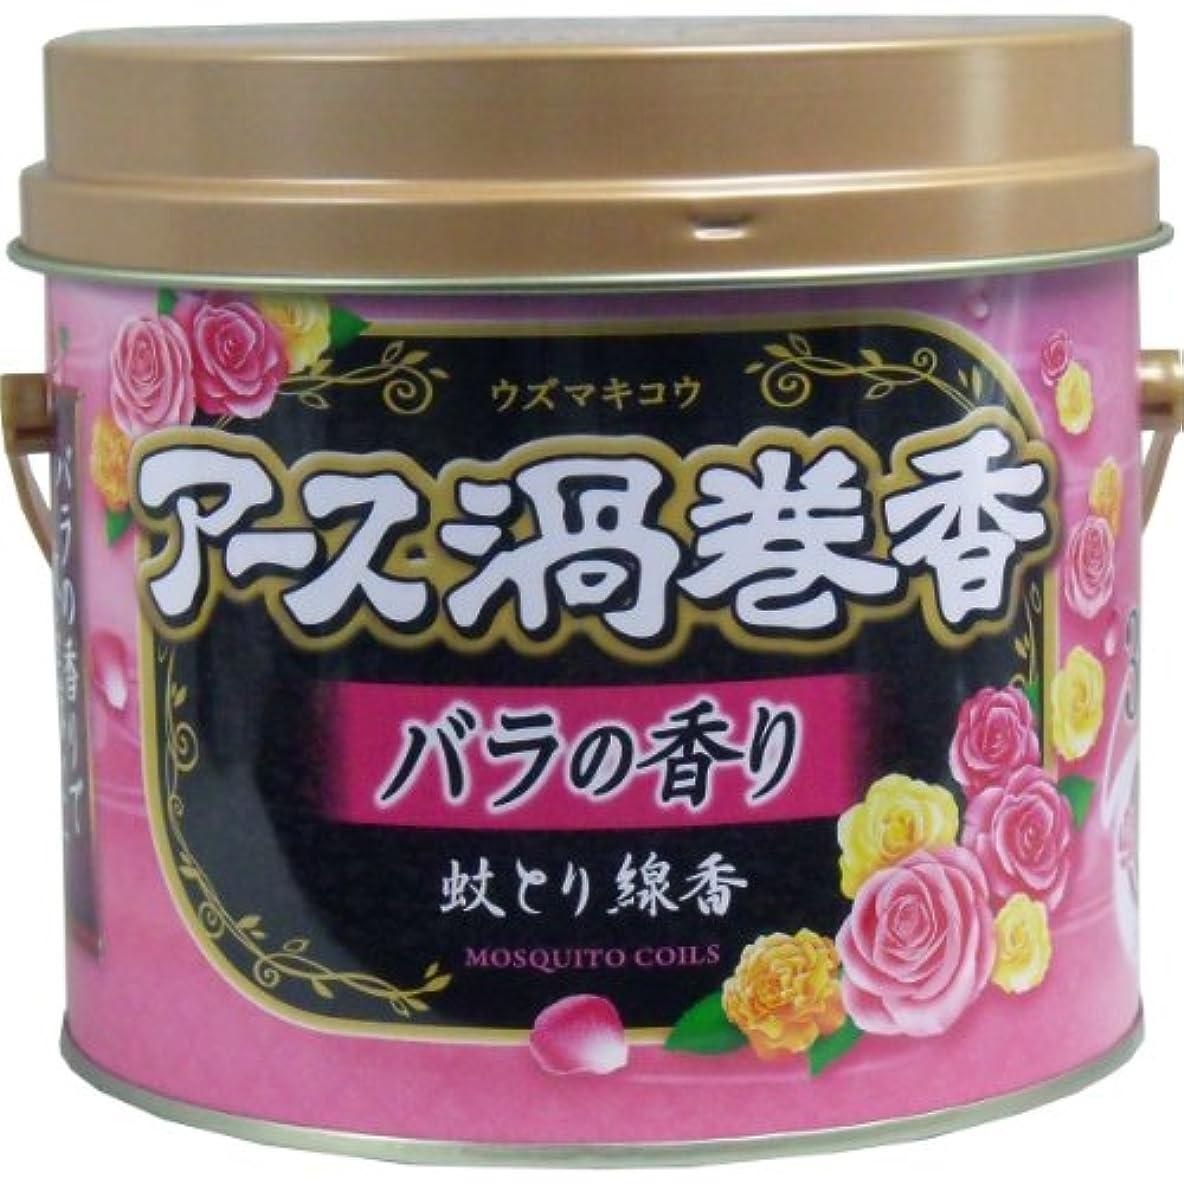 アプローチ疎外するジェットアース渦巻香 蚊とり線香 バラの香り 30巻 4個セット